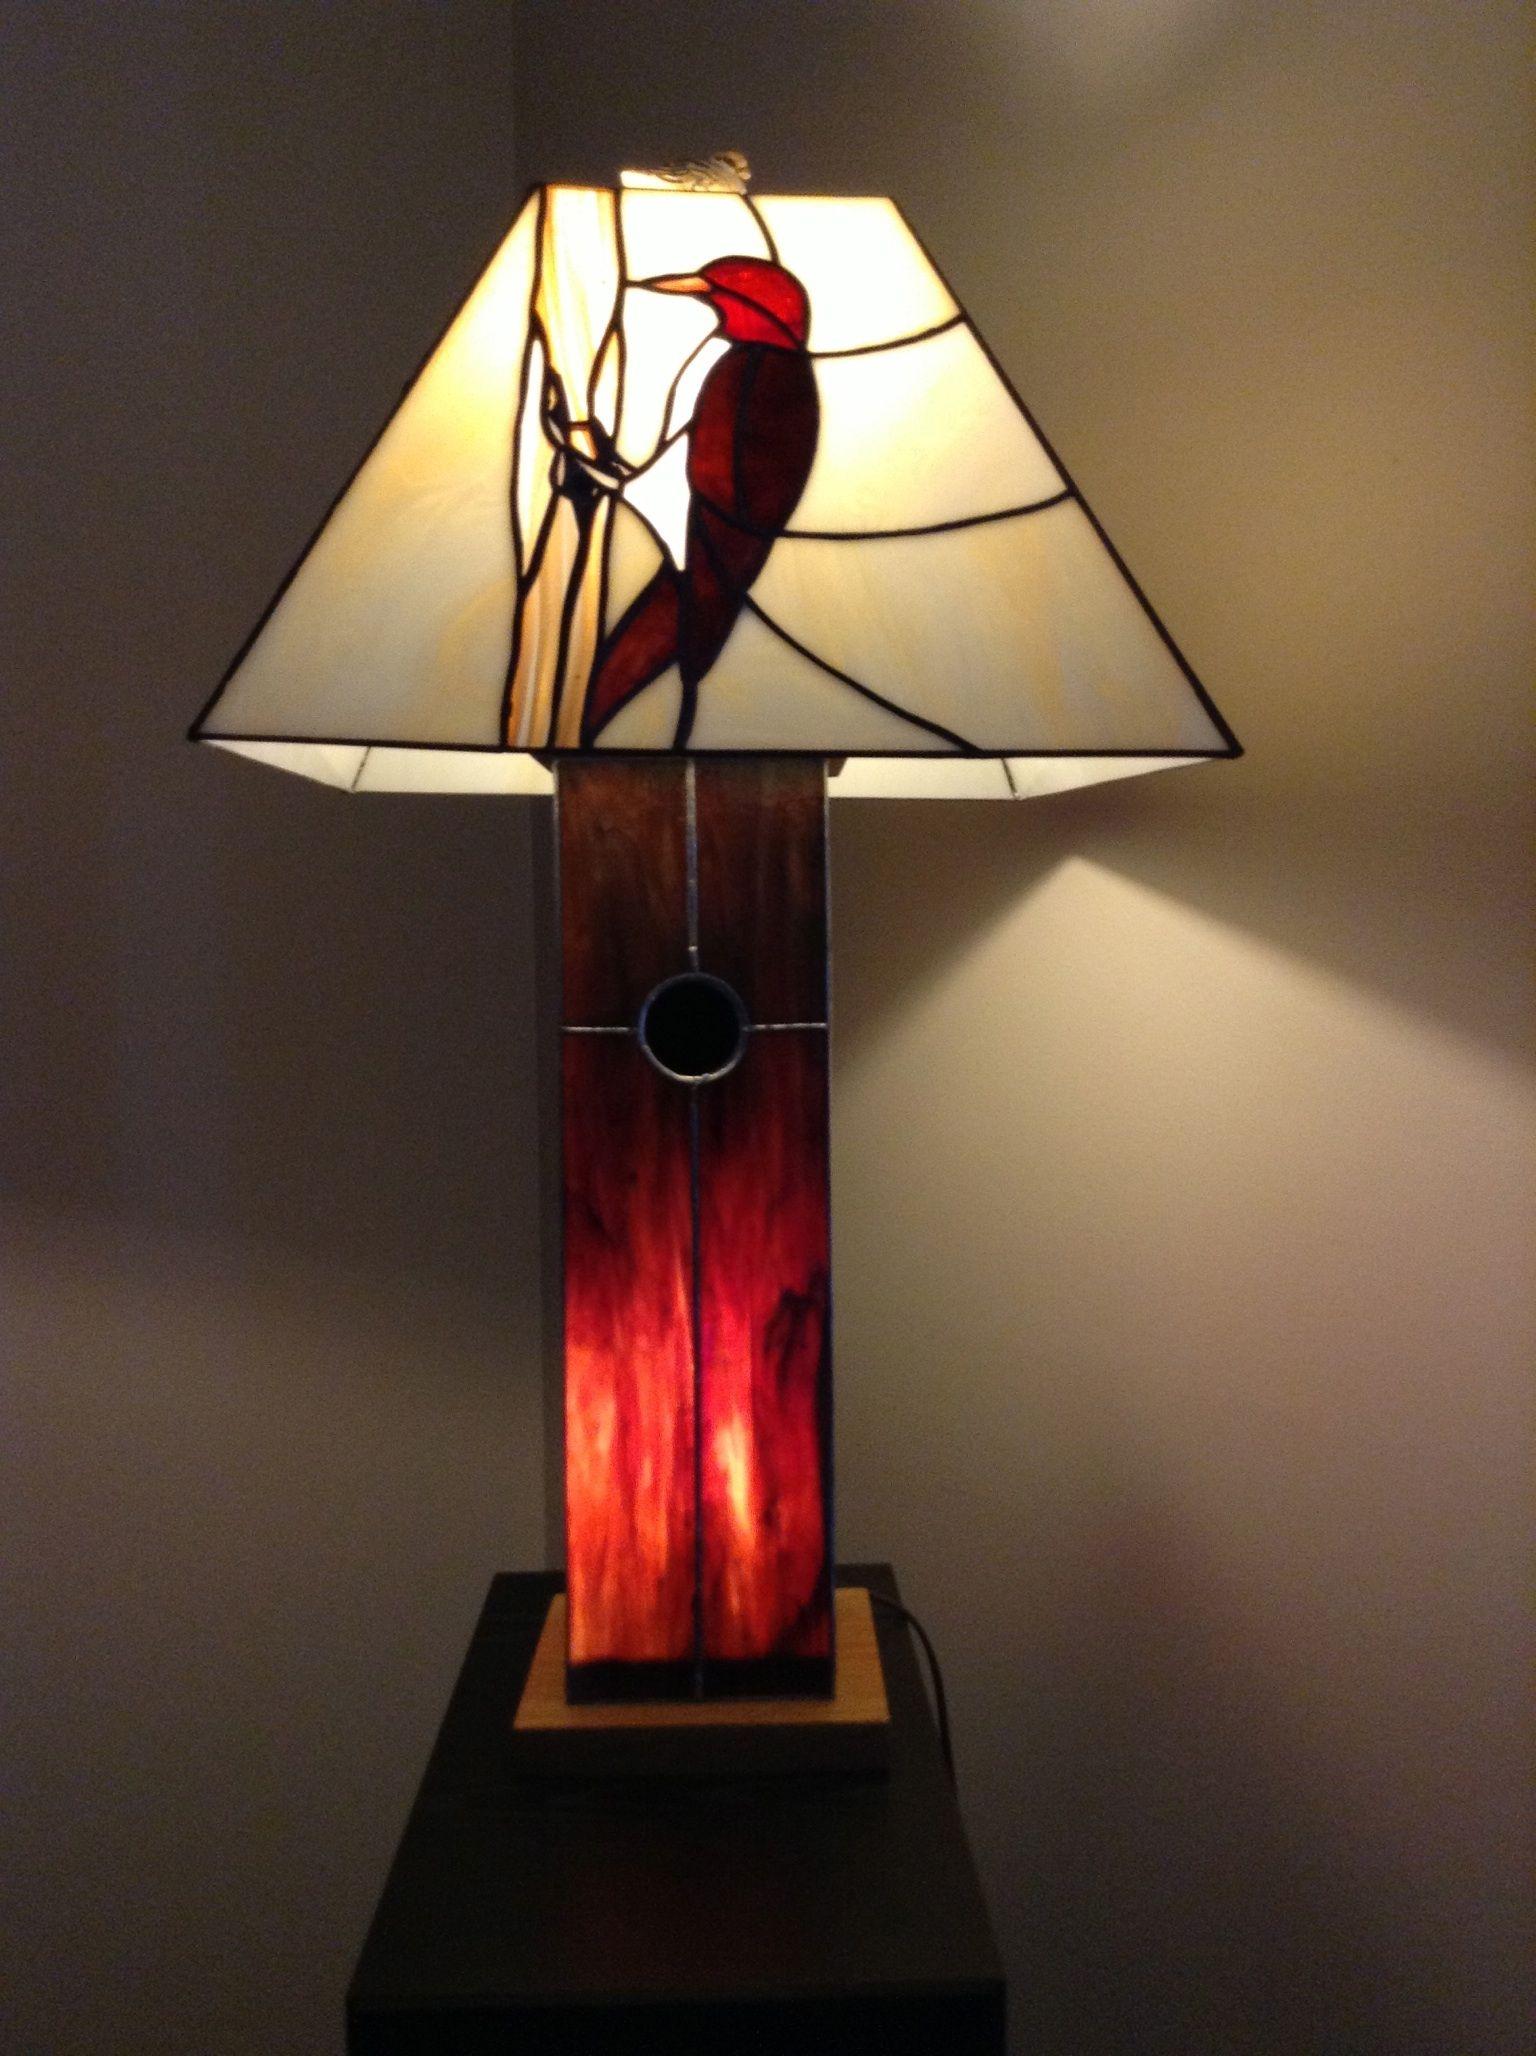 Lampe avec oiseau id es pour la maison pinterest for Fenetre a cardinal